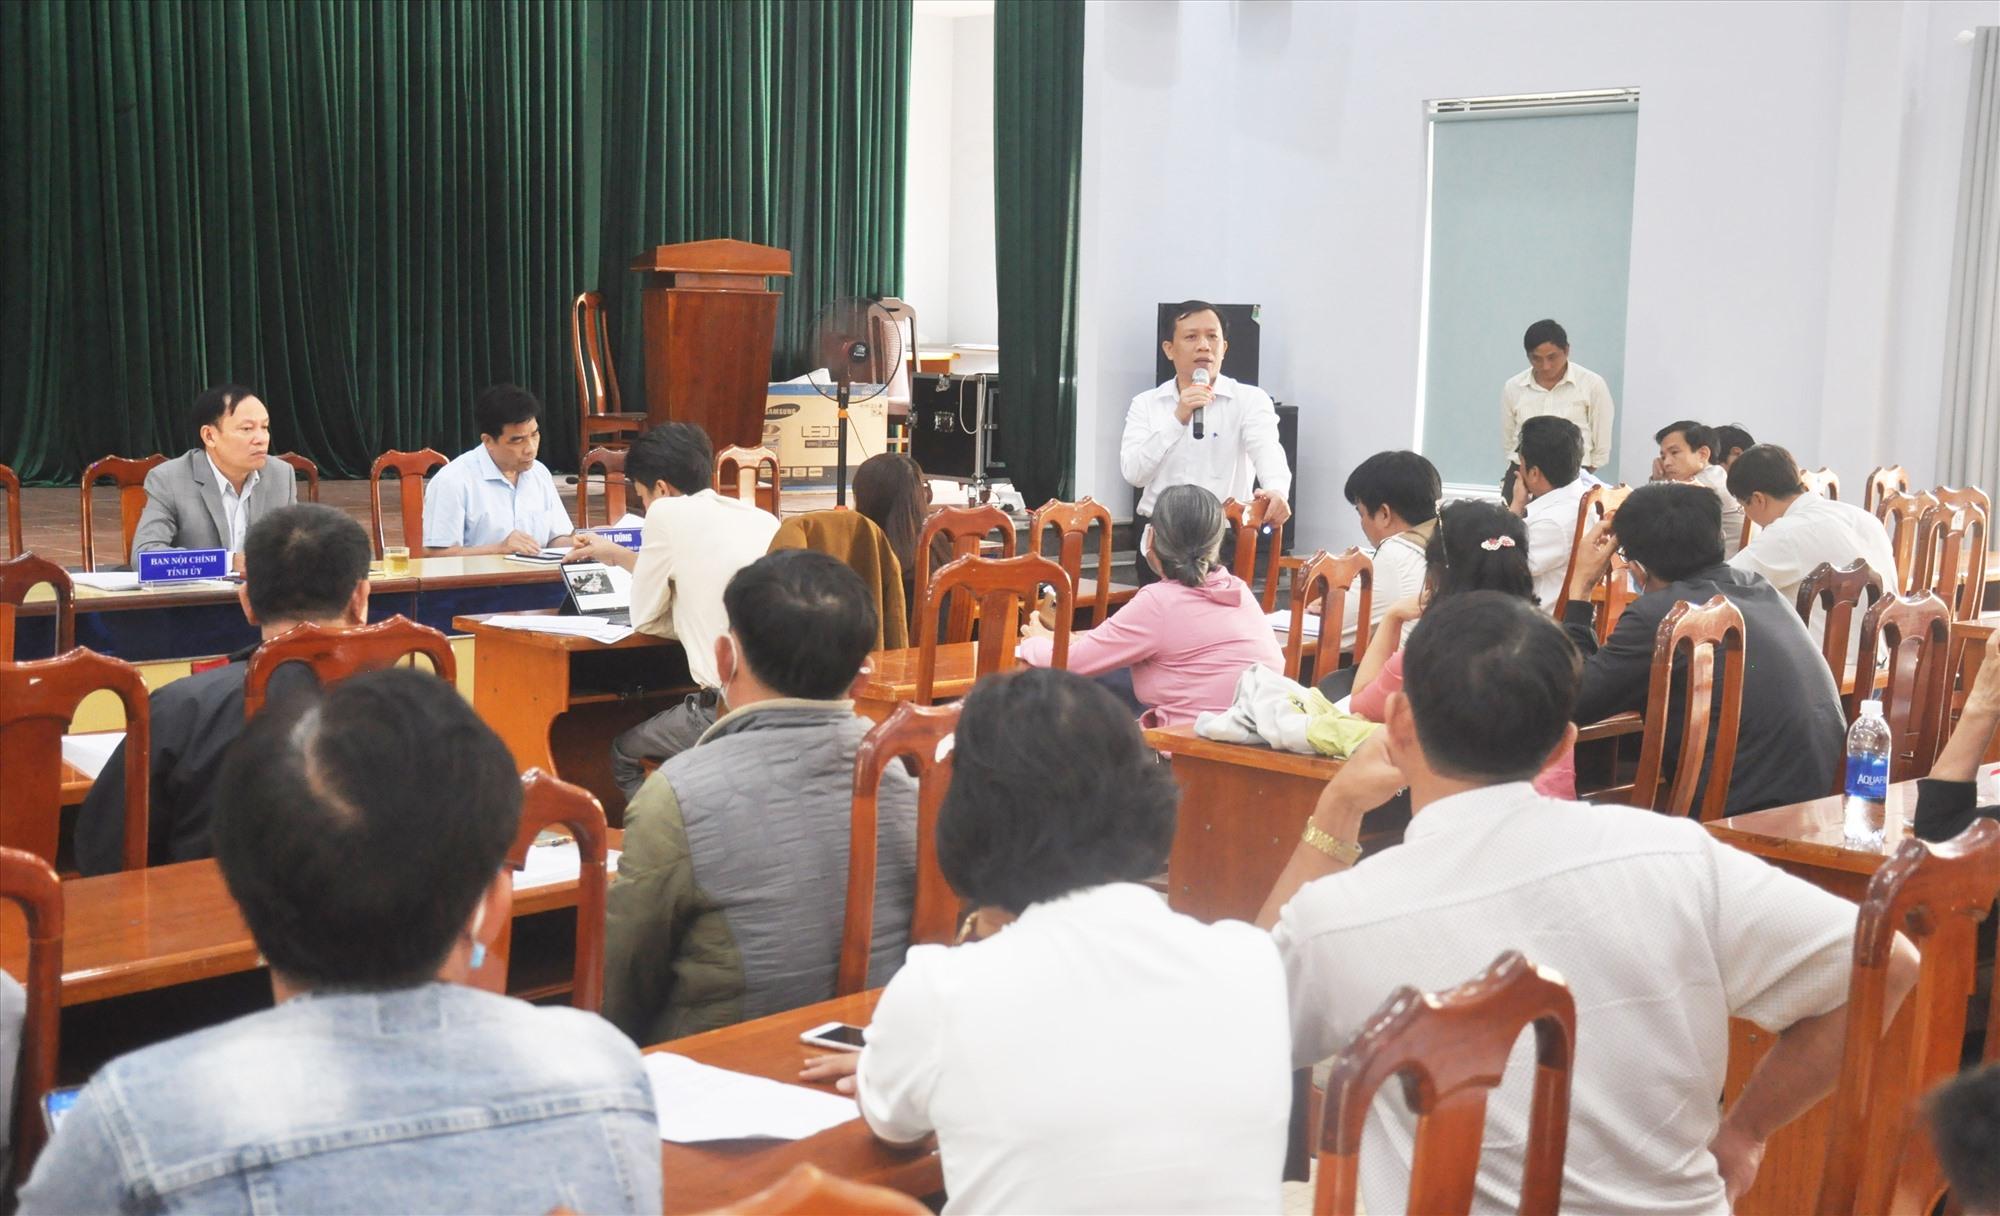 Ông Đặng Quốc Lộc - Chánh án TAND tỉnh trao đổi với đại diện các hộ mua đất nền của chủ đầu tư Bách Đạt An sáng 15.12. H.P